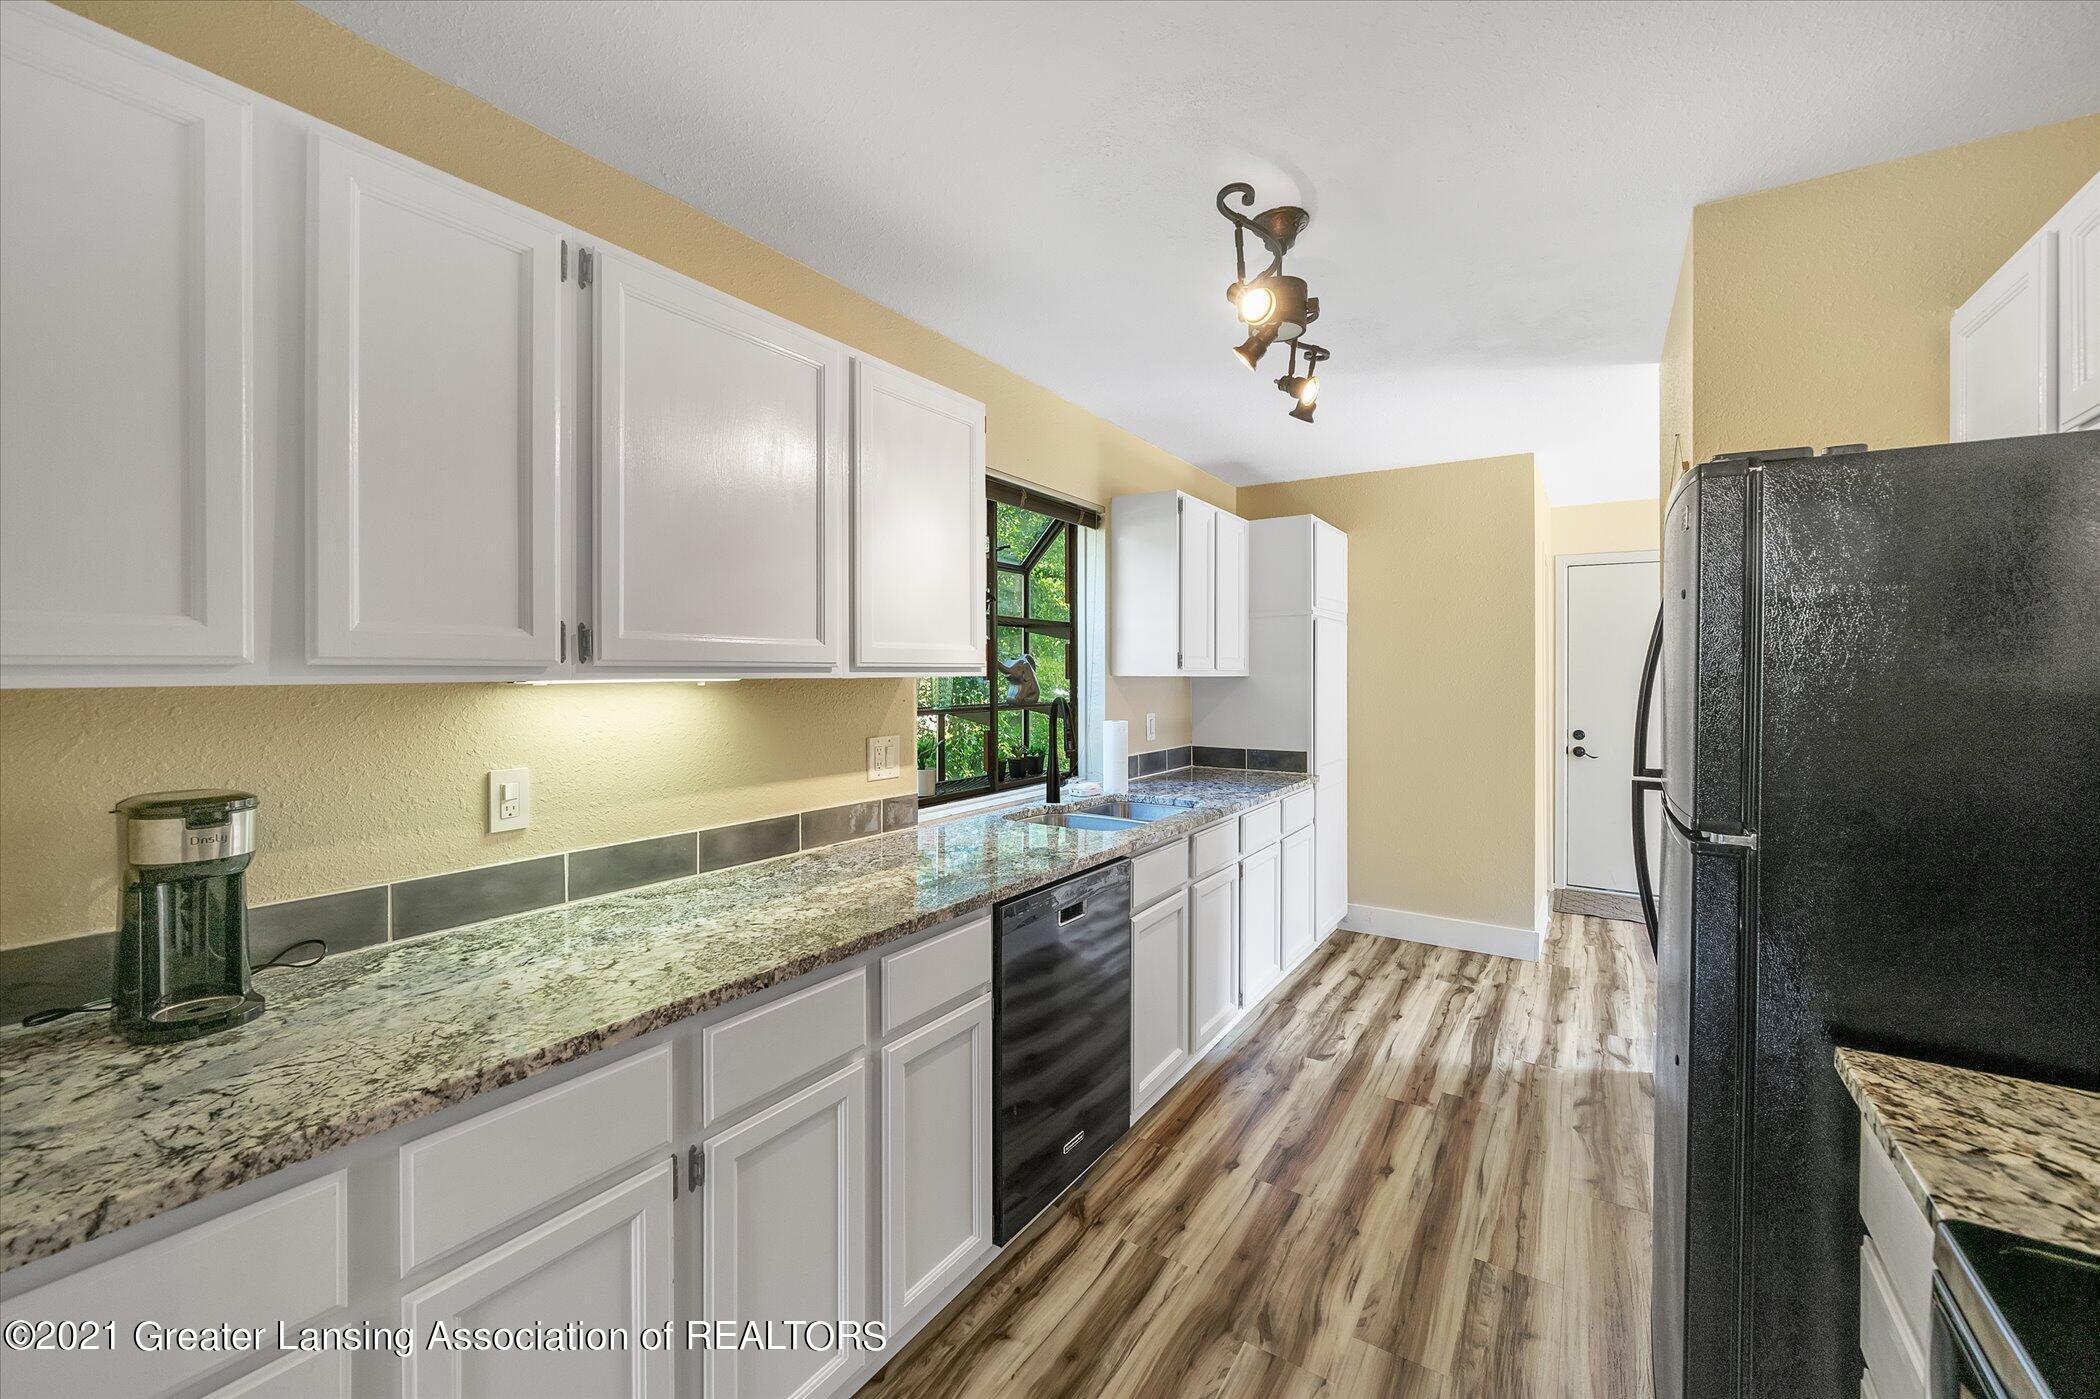 2529 Duryea Ct 40 - (7) MAIN FLOOR Kitchen - 10